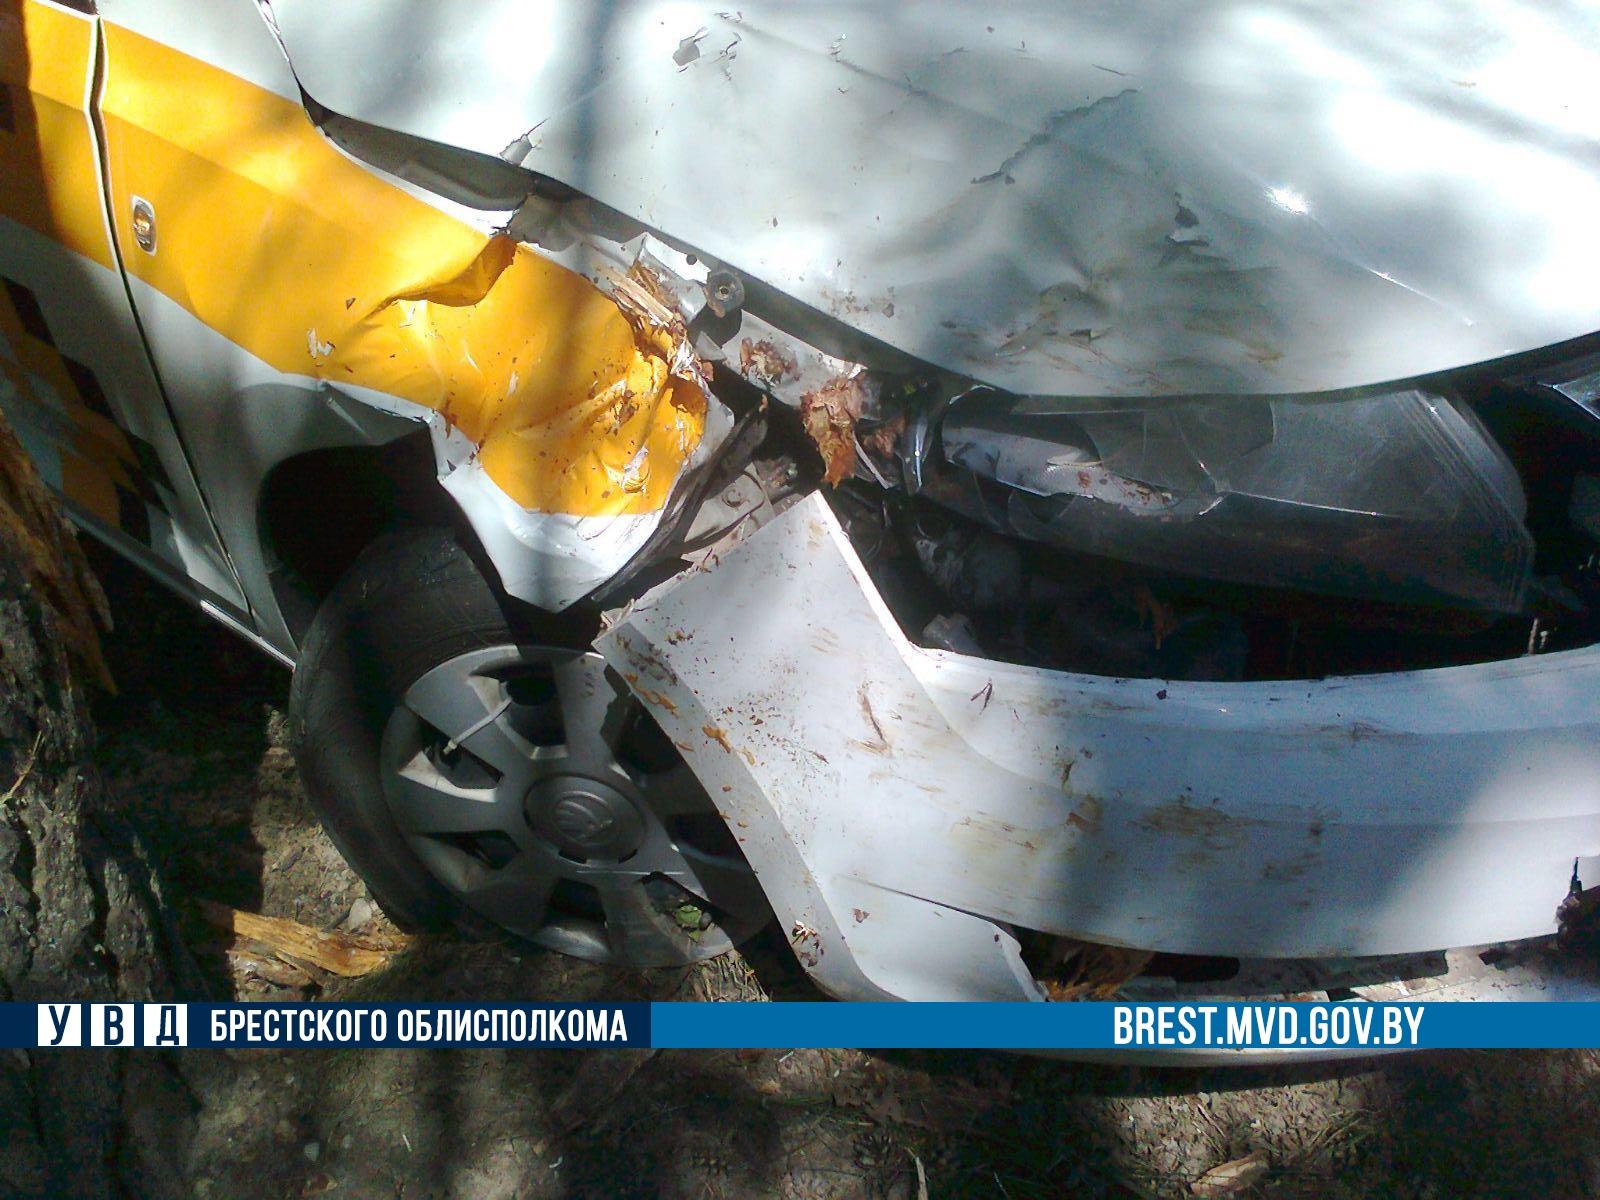 """Не вписался... Брестчанин получил права, сел за руль авто """"с шашечками"""" и разбил его о дерево"""